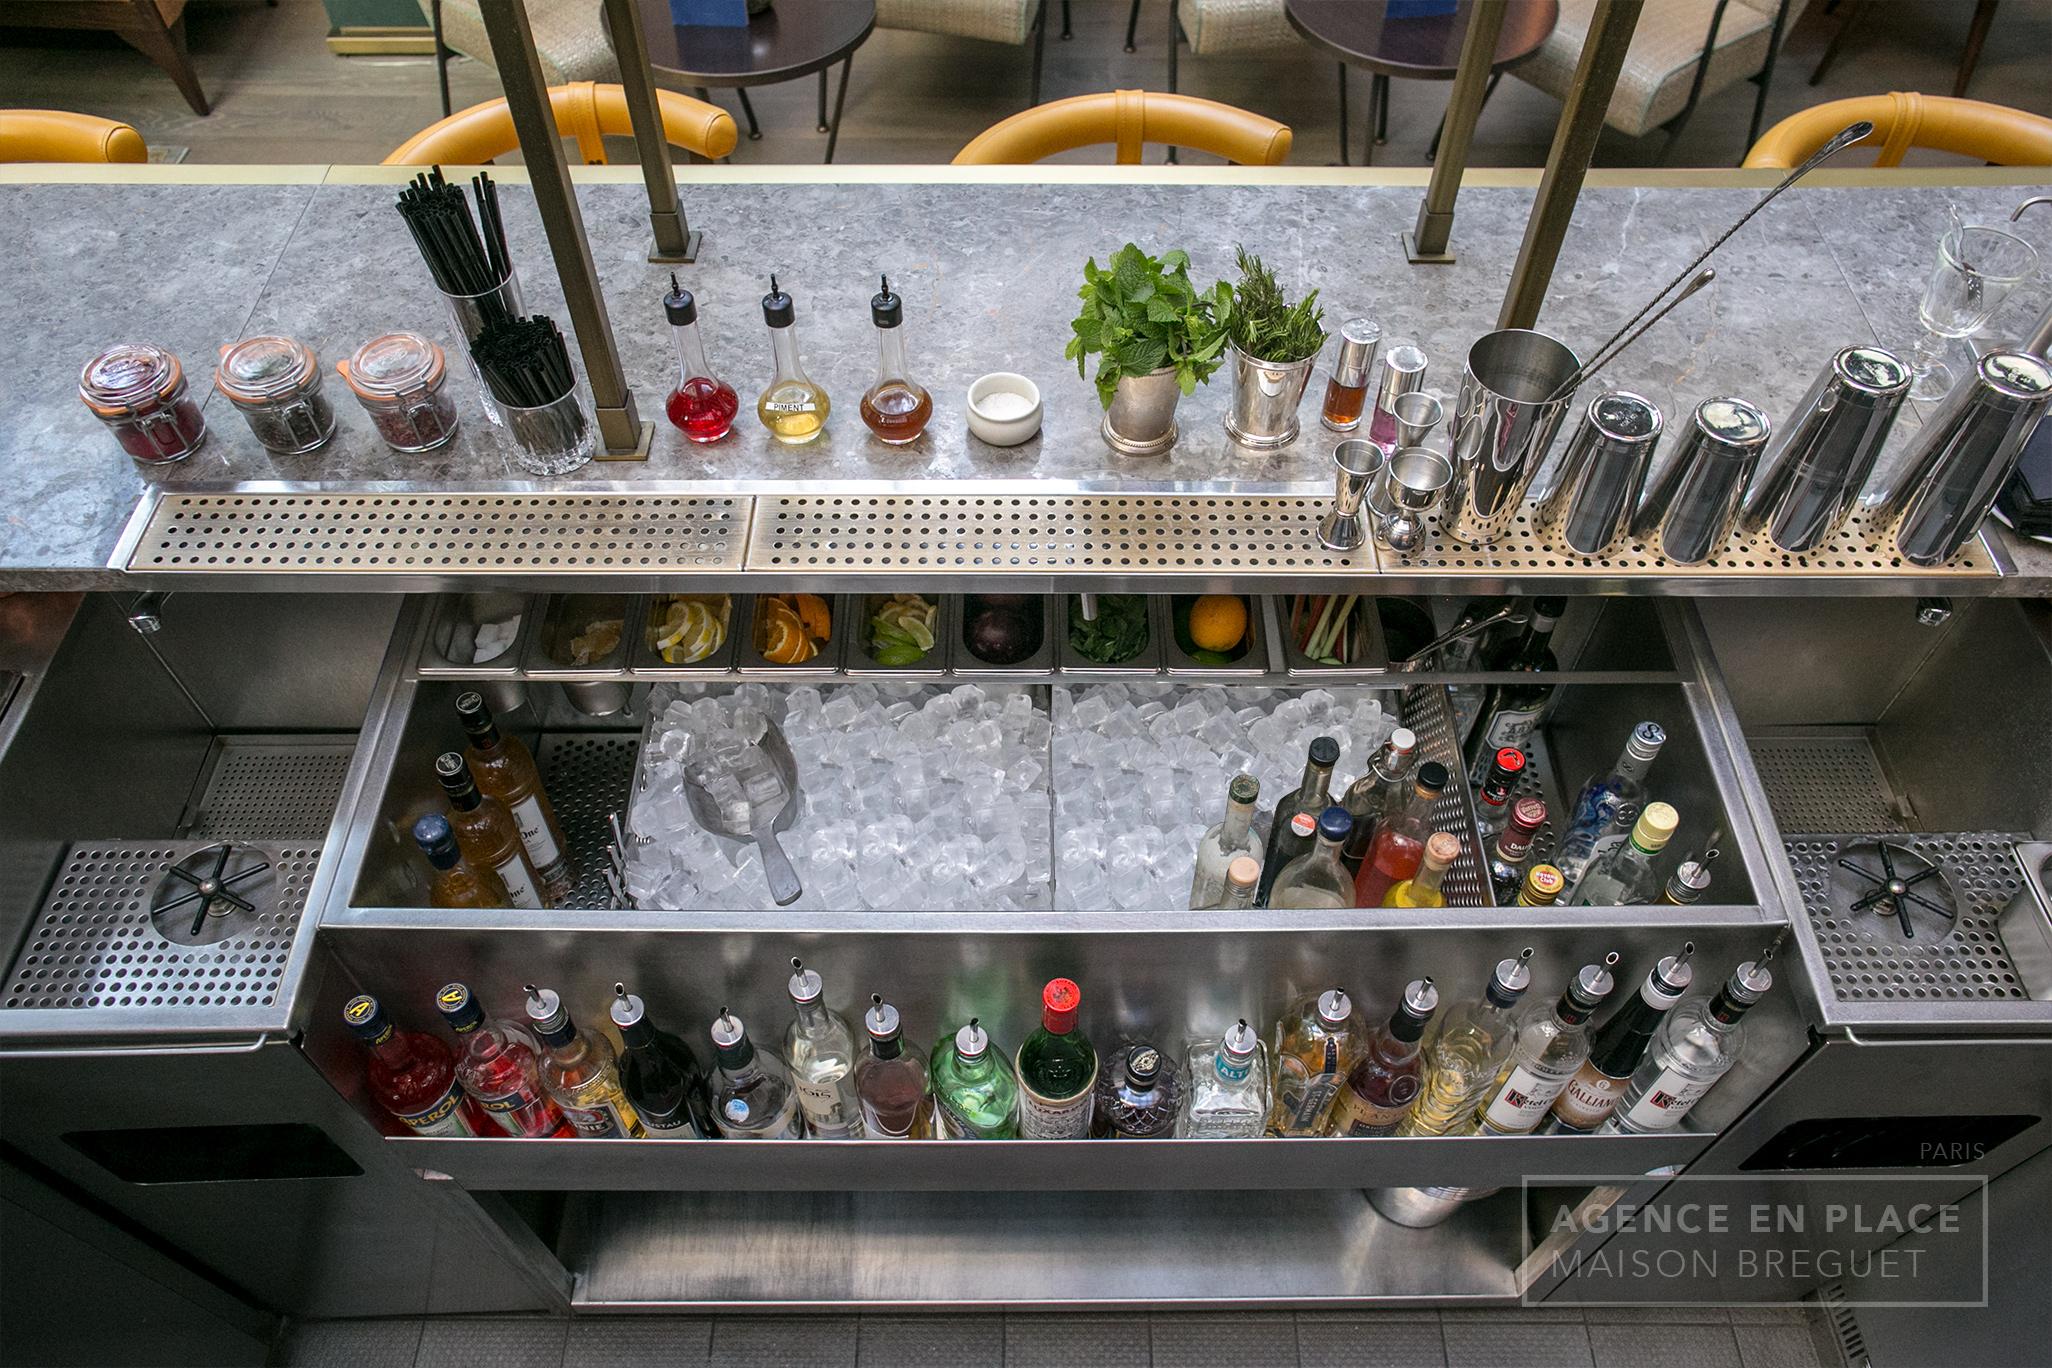 maison-breguet-agenceenplace-cocktailsbar-003